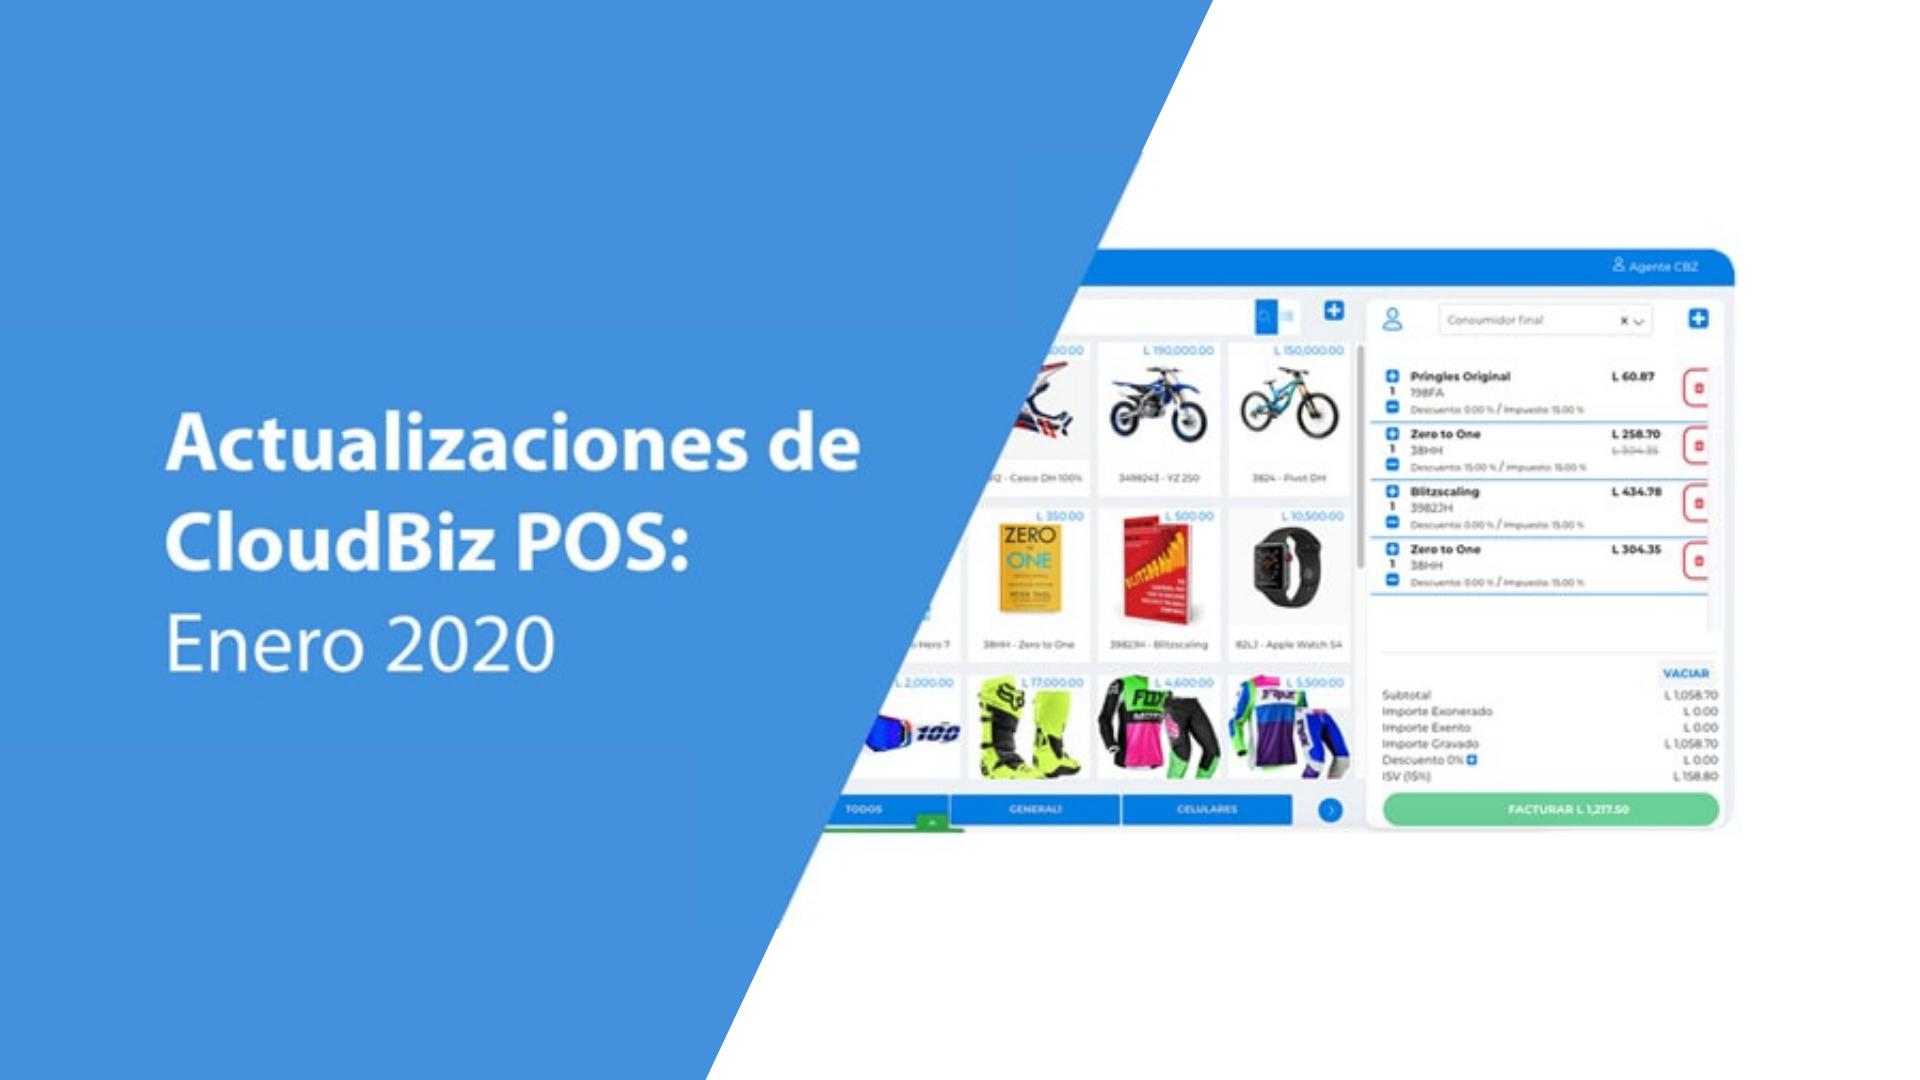 Actualizaciones de CloudBiz POS: Enero 2020